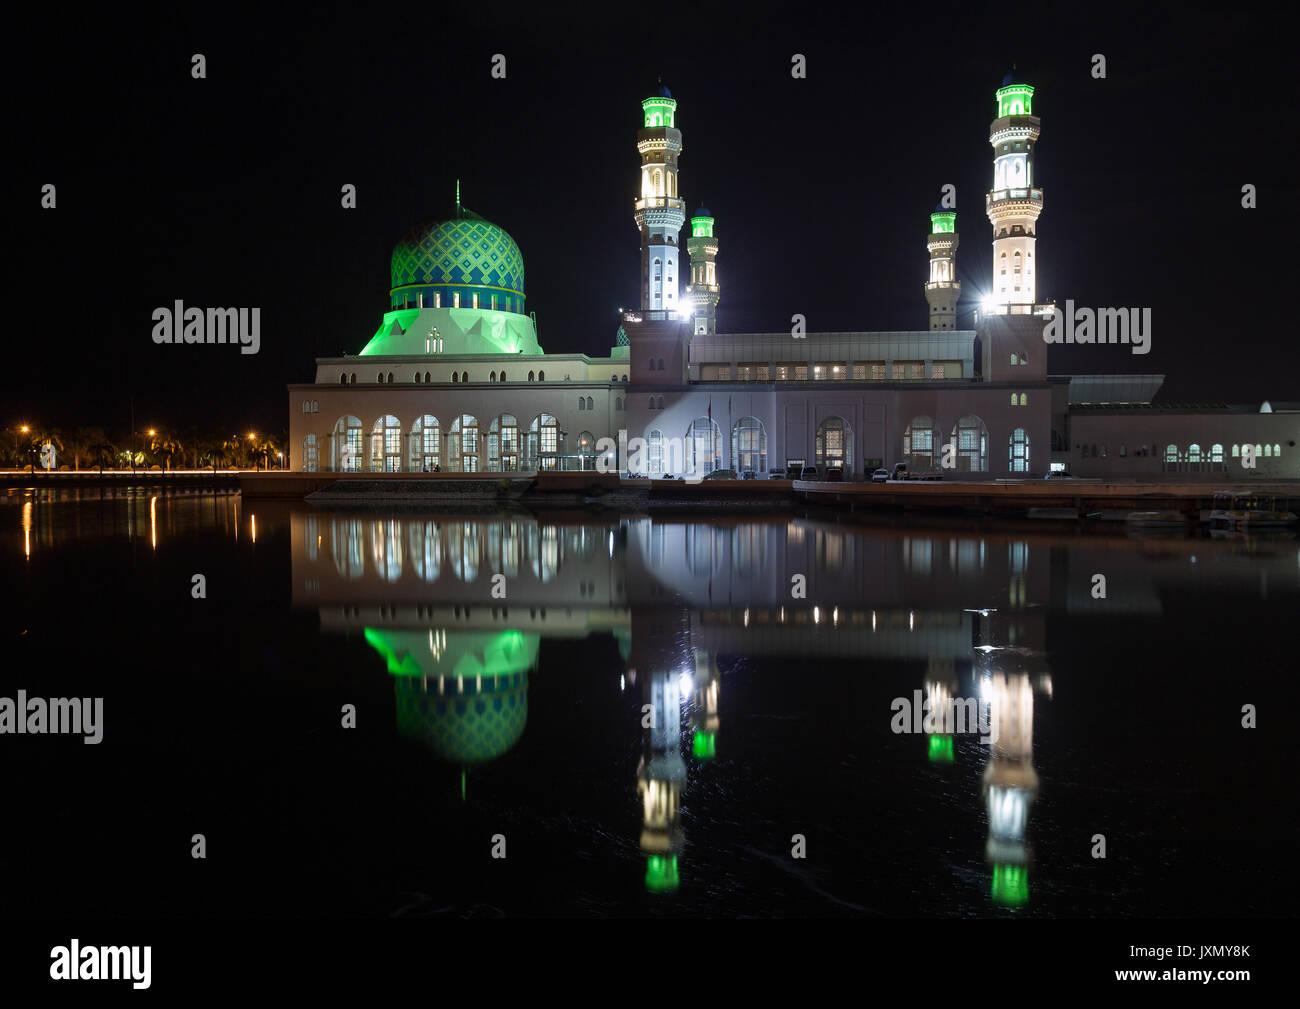 Kota Kinabalu city mosque by night, Sabah, Malaysia - Stock Image